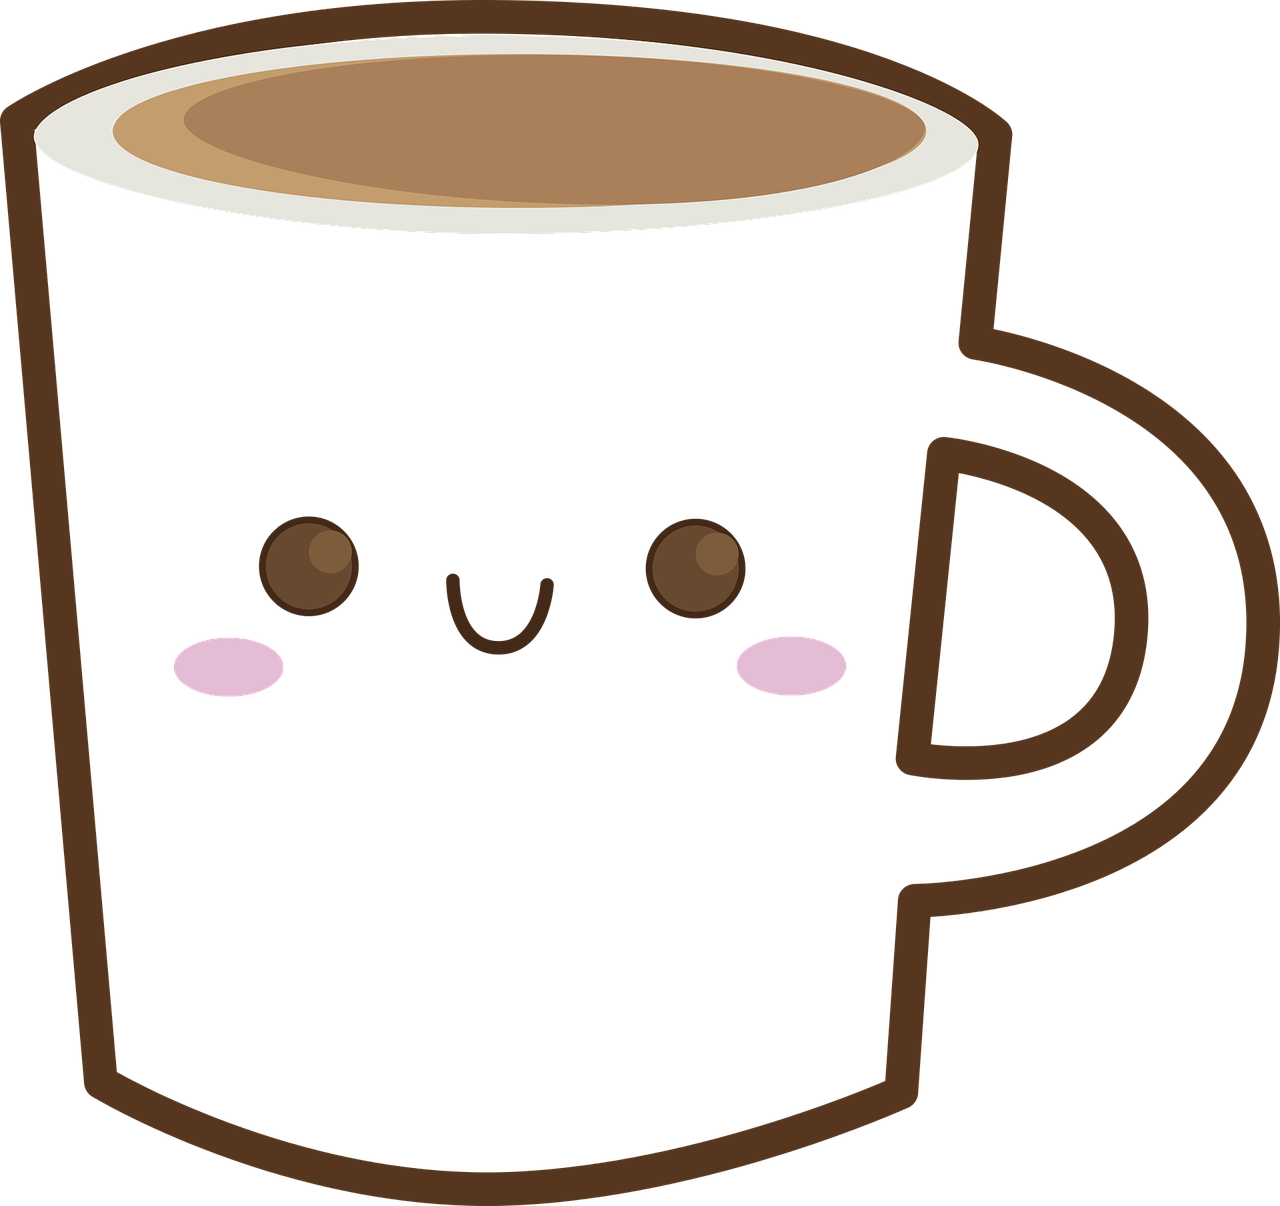 Mug clipart coffee face. Latte macchiato espresso cappuccino